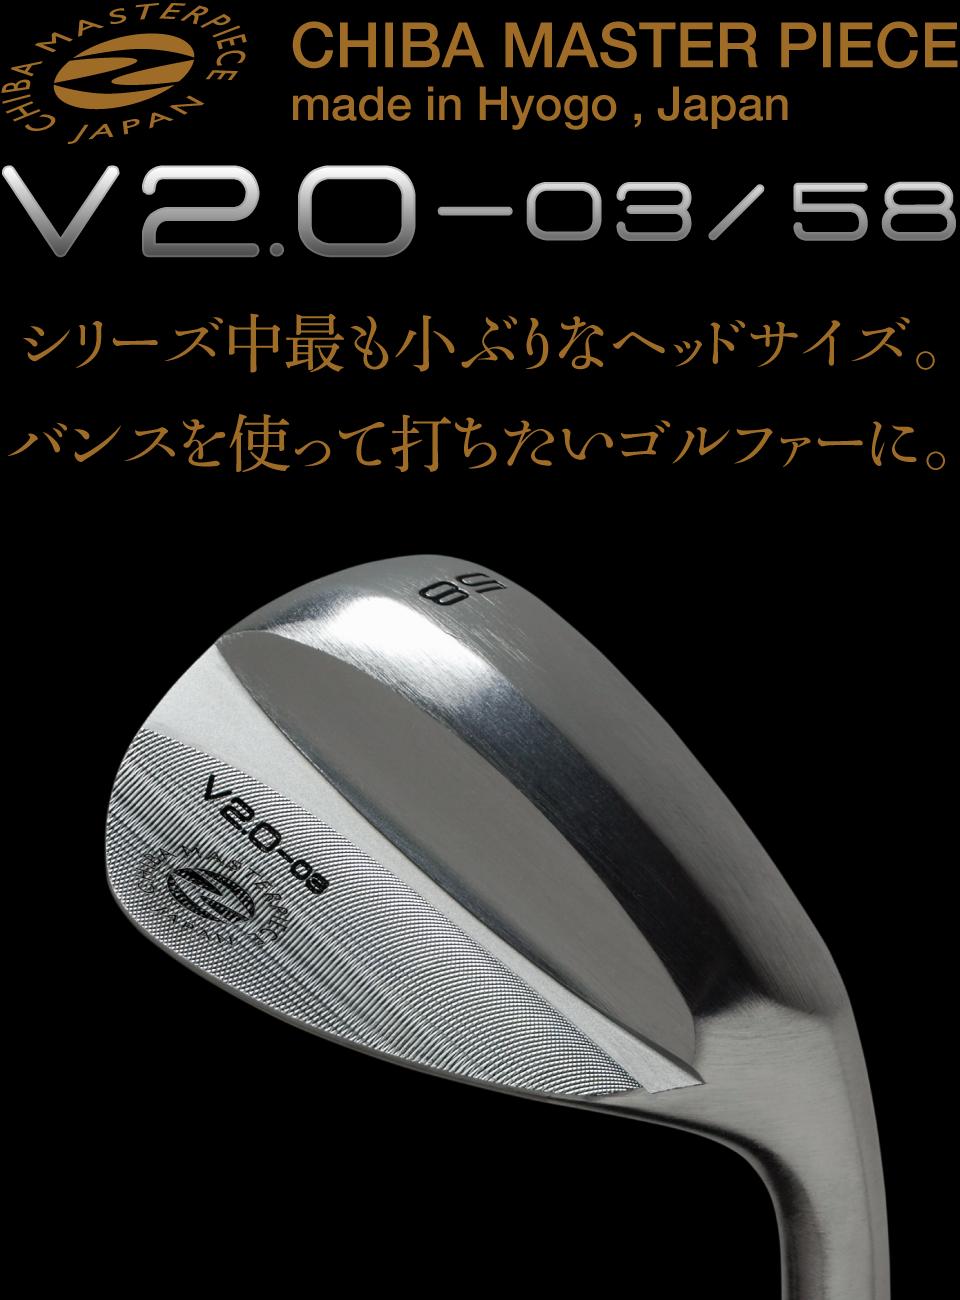 シリーズ中、最も小ぶりなヘッドサイズ。バンスを使って打ちたいゴルファーに。